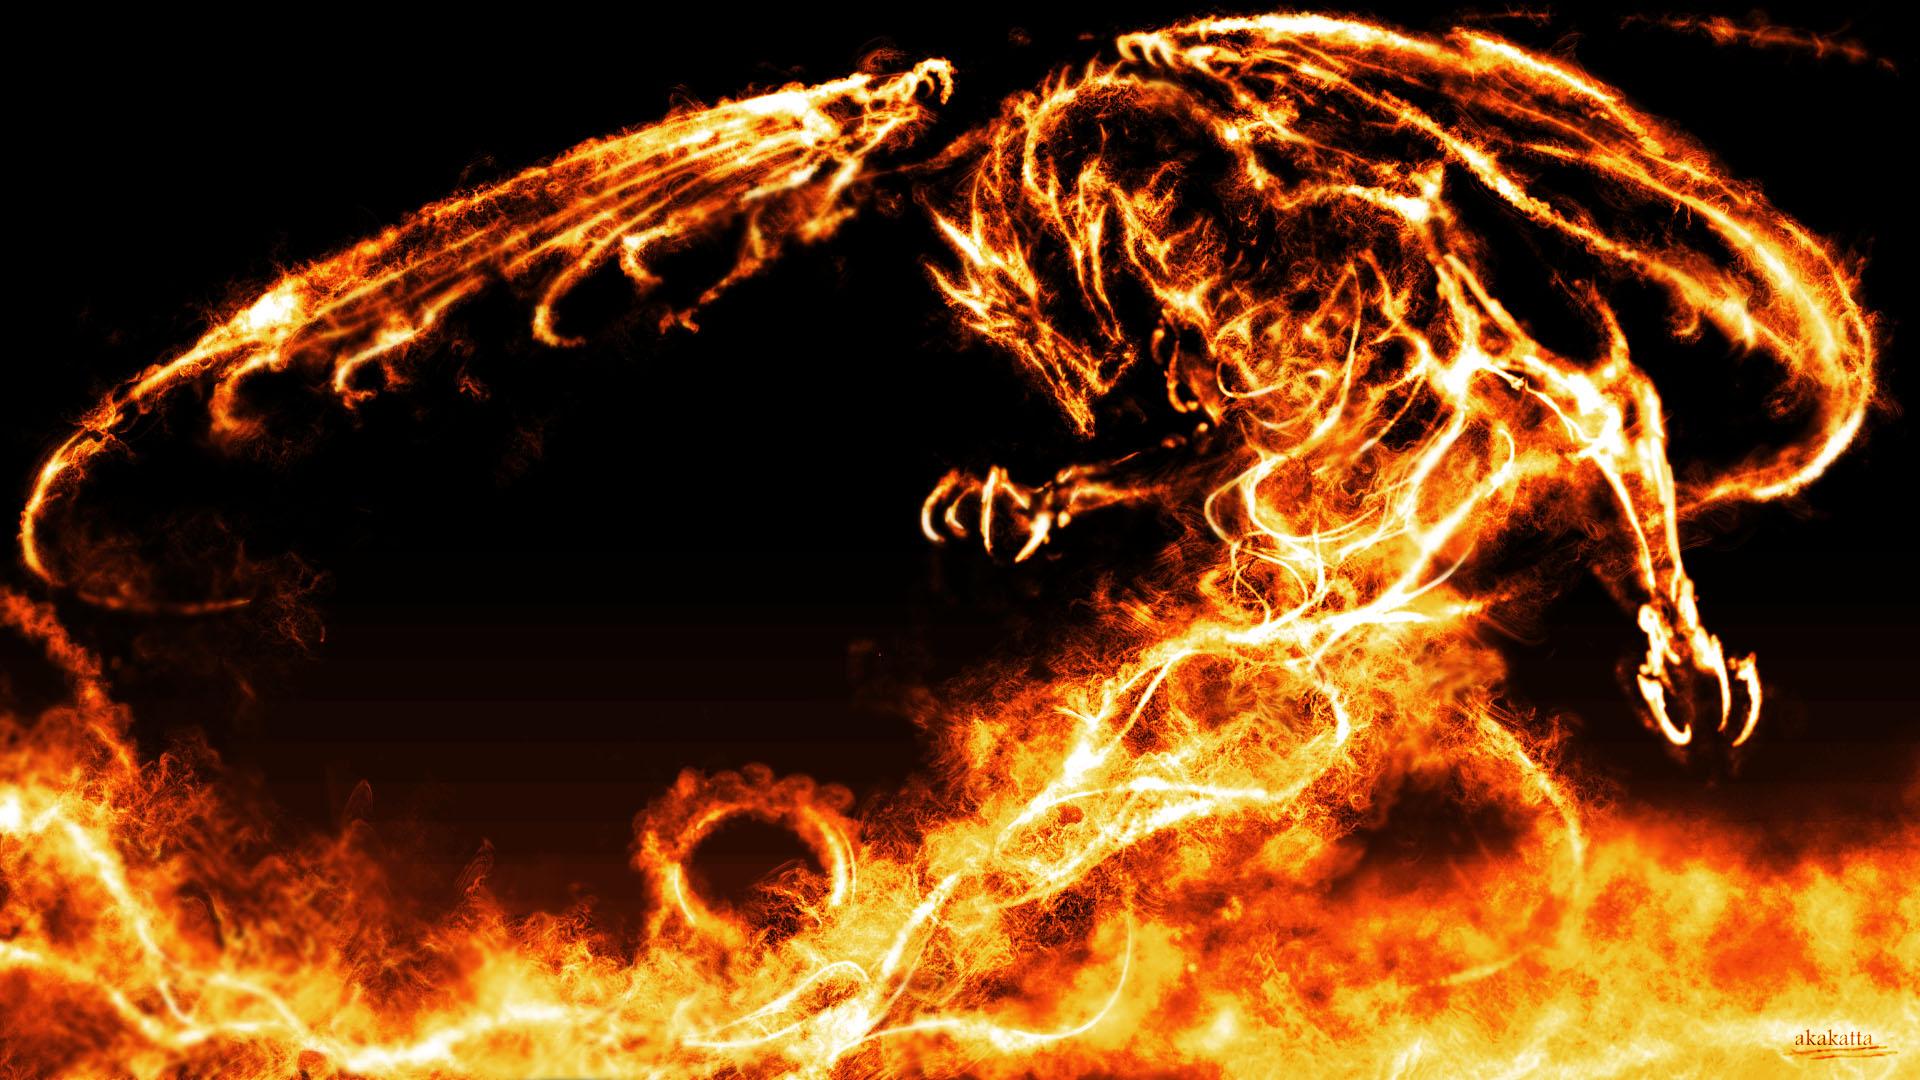 desktop wallpaper download fire zerochan dragon wallpaper in hd 1920x1080